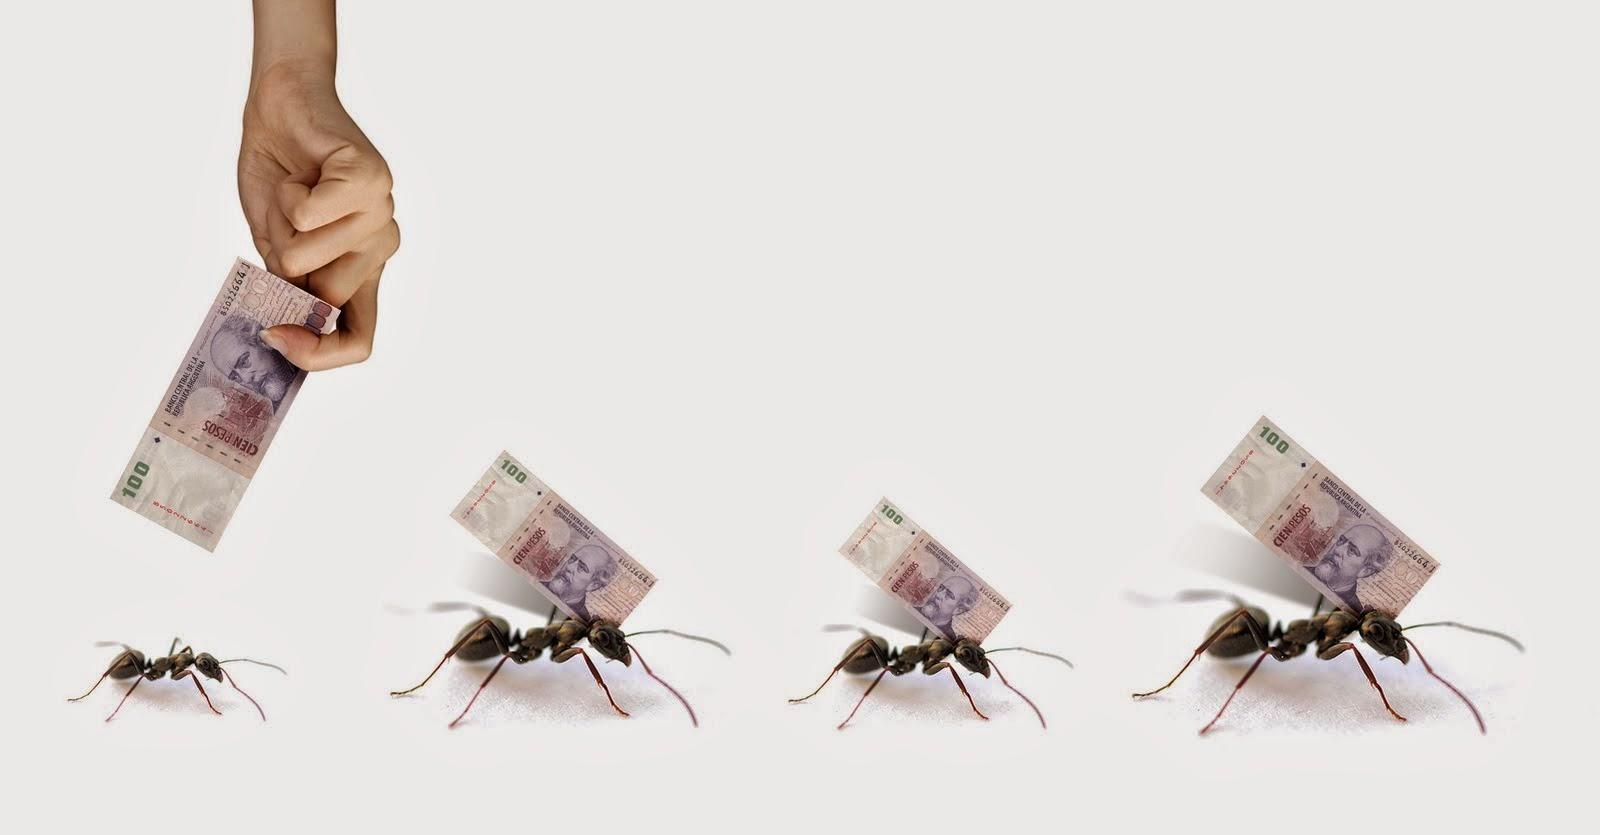 Bancomer y su robo hormiga suma millones de pesos robados